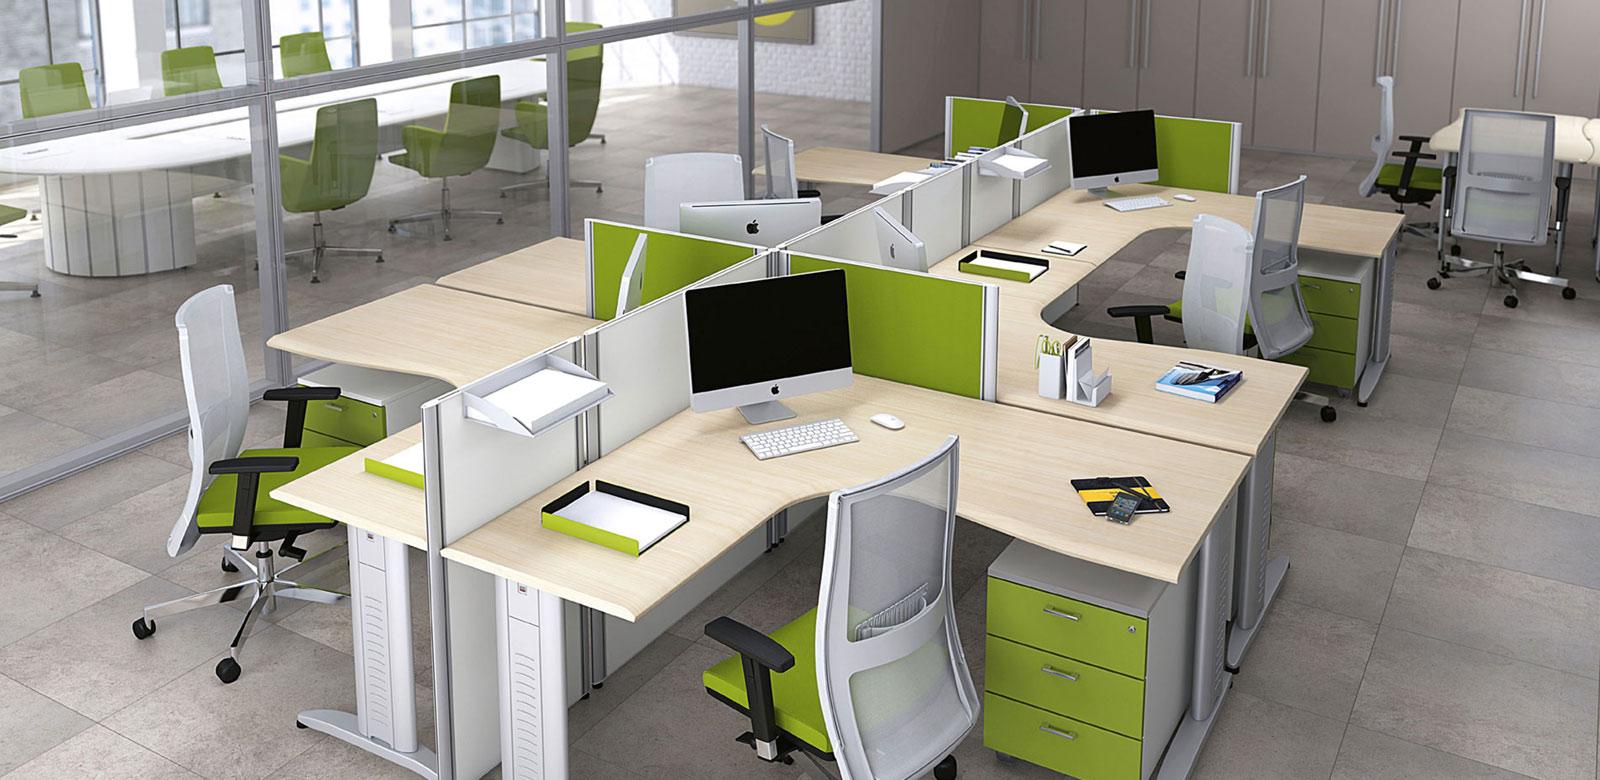 arredo ufficio arredamento e mobili per ufficio su misura